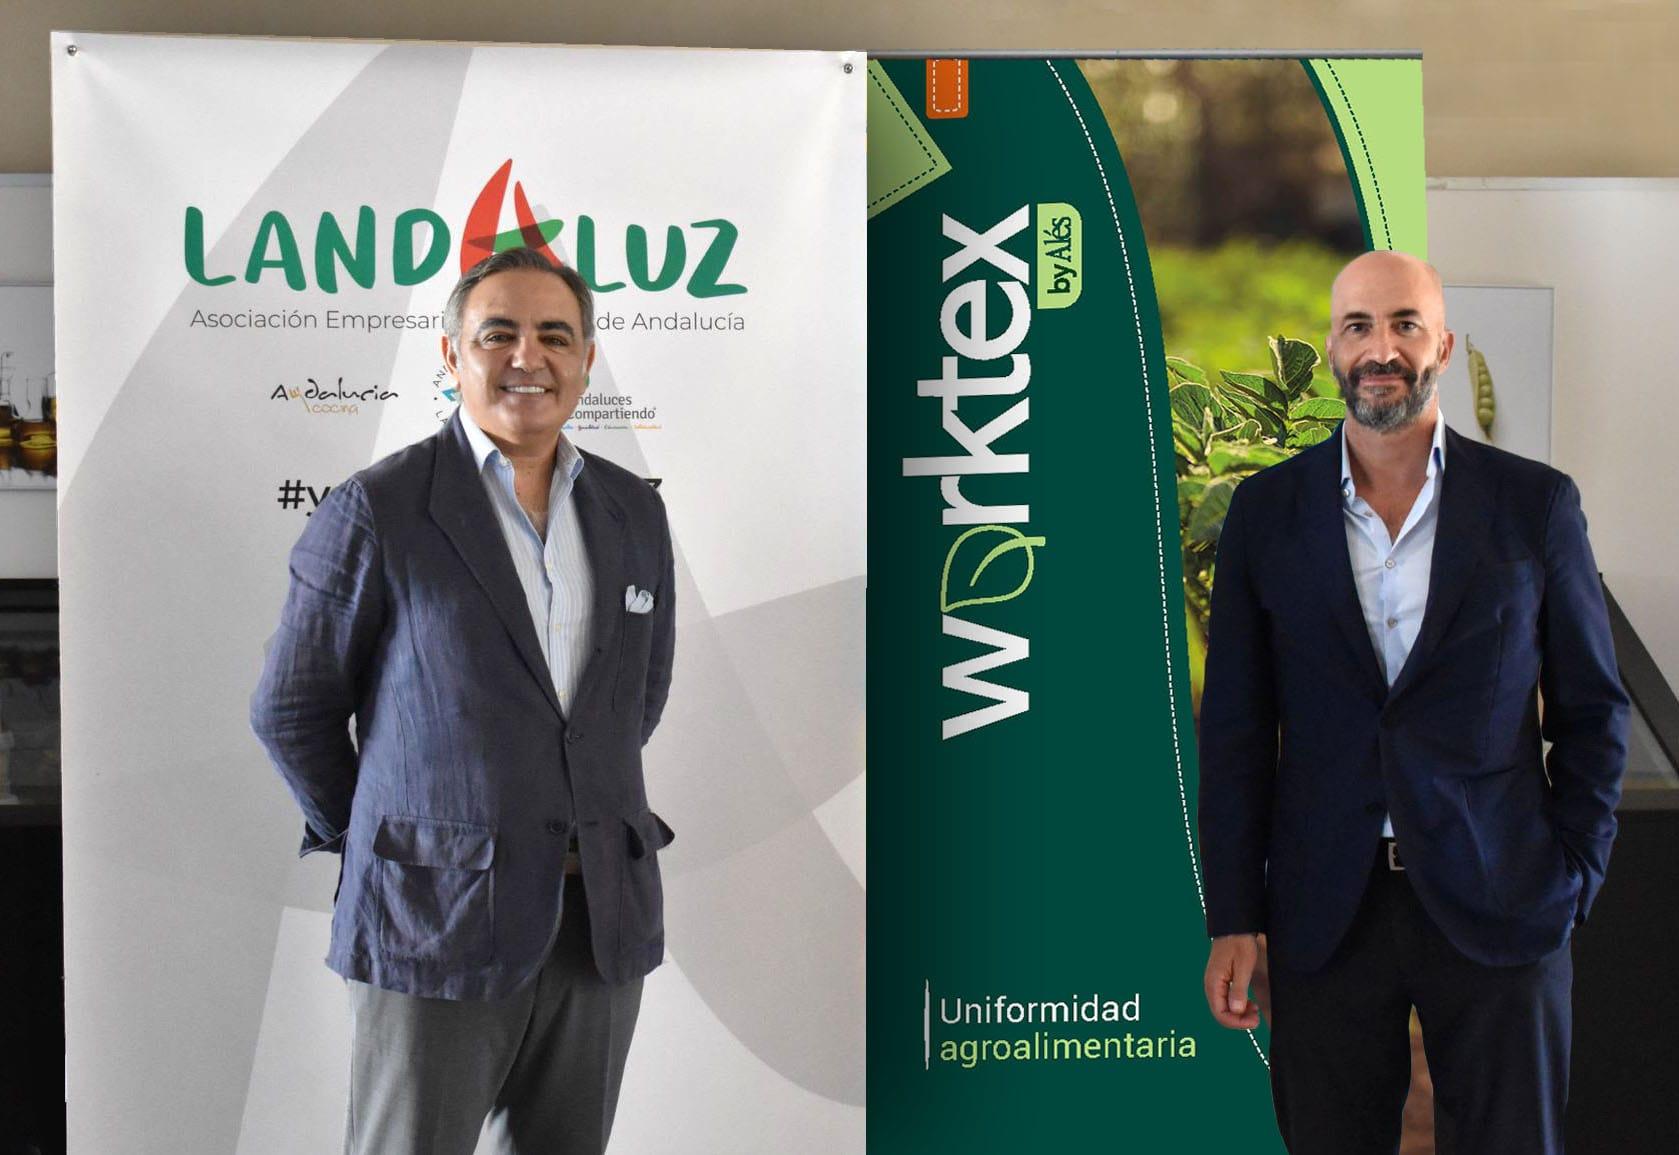 LANDALUZ y ALÉS se unen para dotar de soluciones en uniformidad al sector agroalimentario andaluz